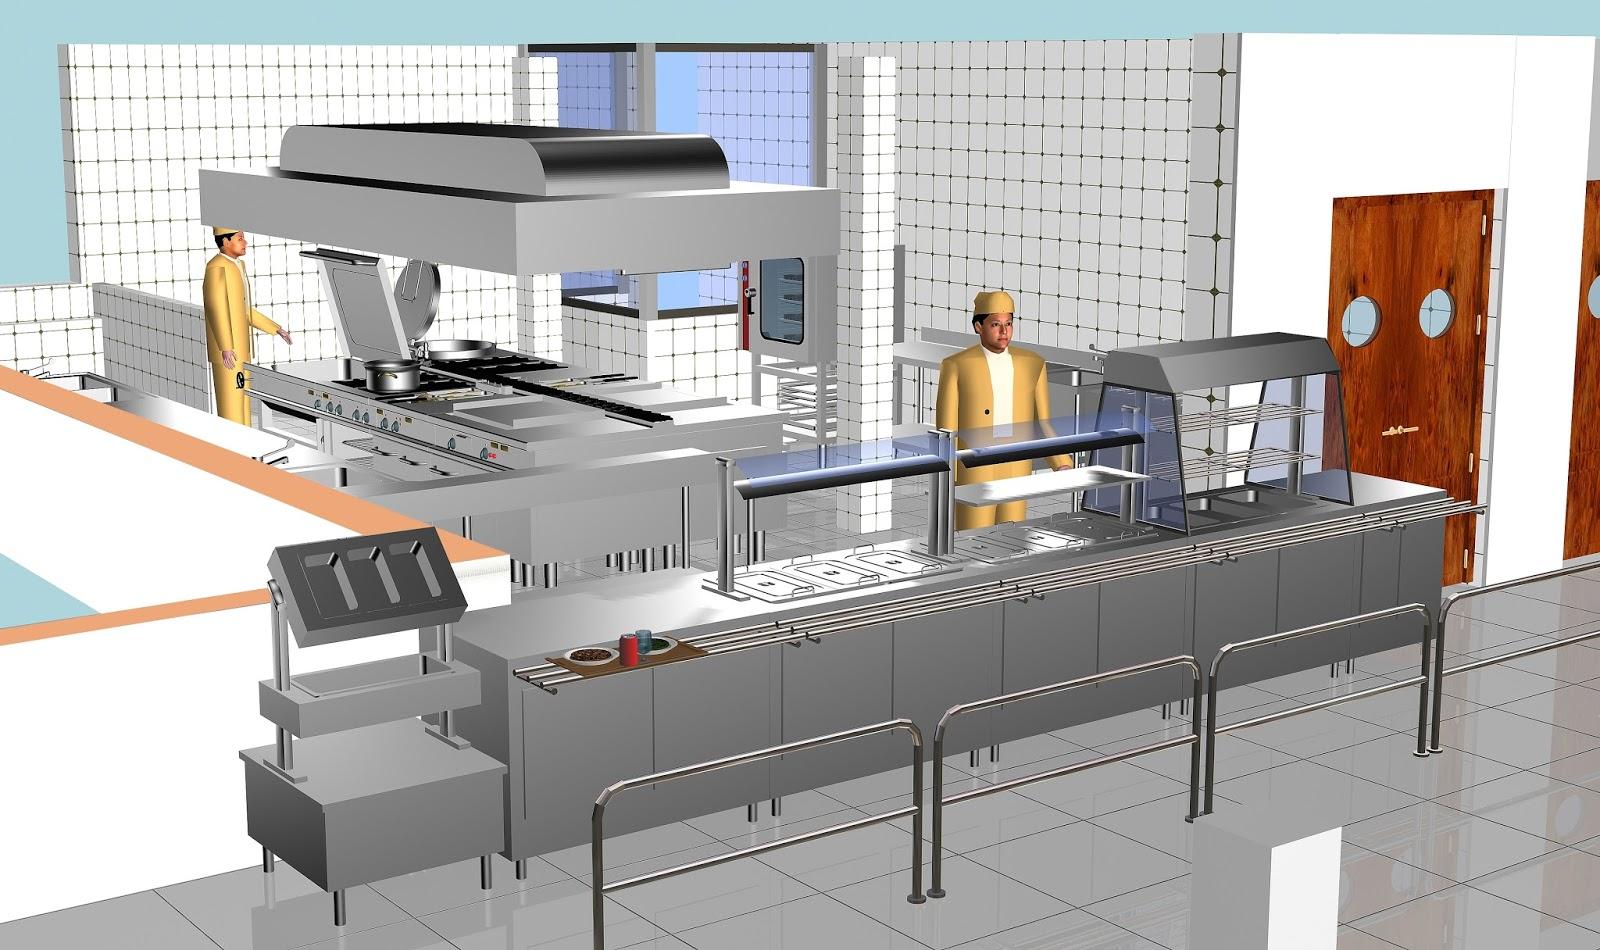 Global cocinas t cnicas nueva cocina para el colegio alegra for Ampliacion de cocina comedor